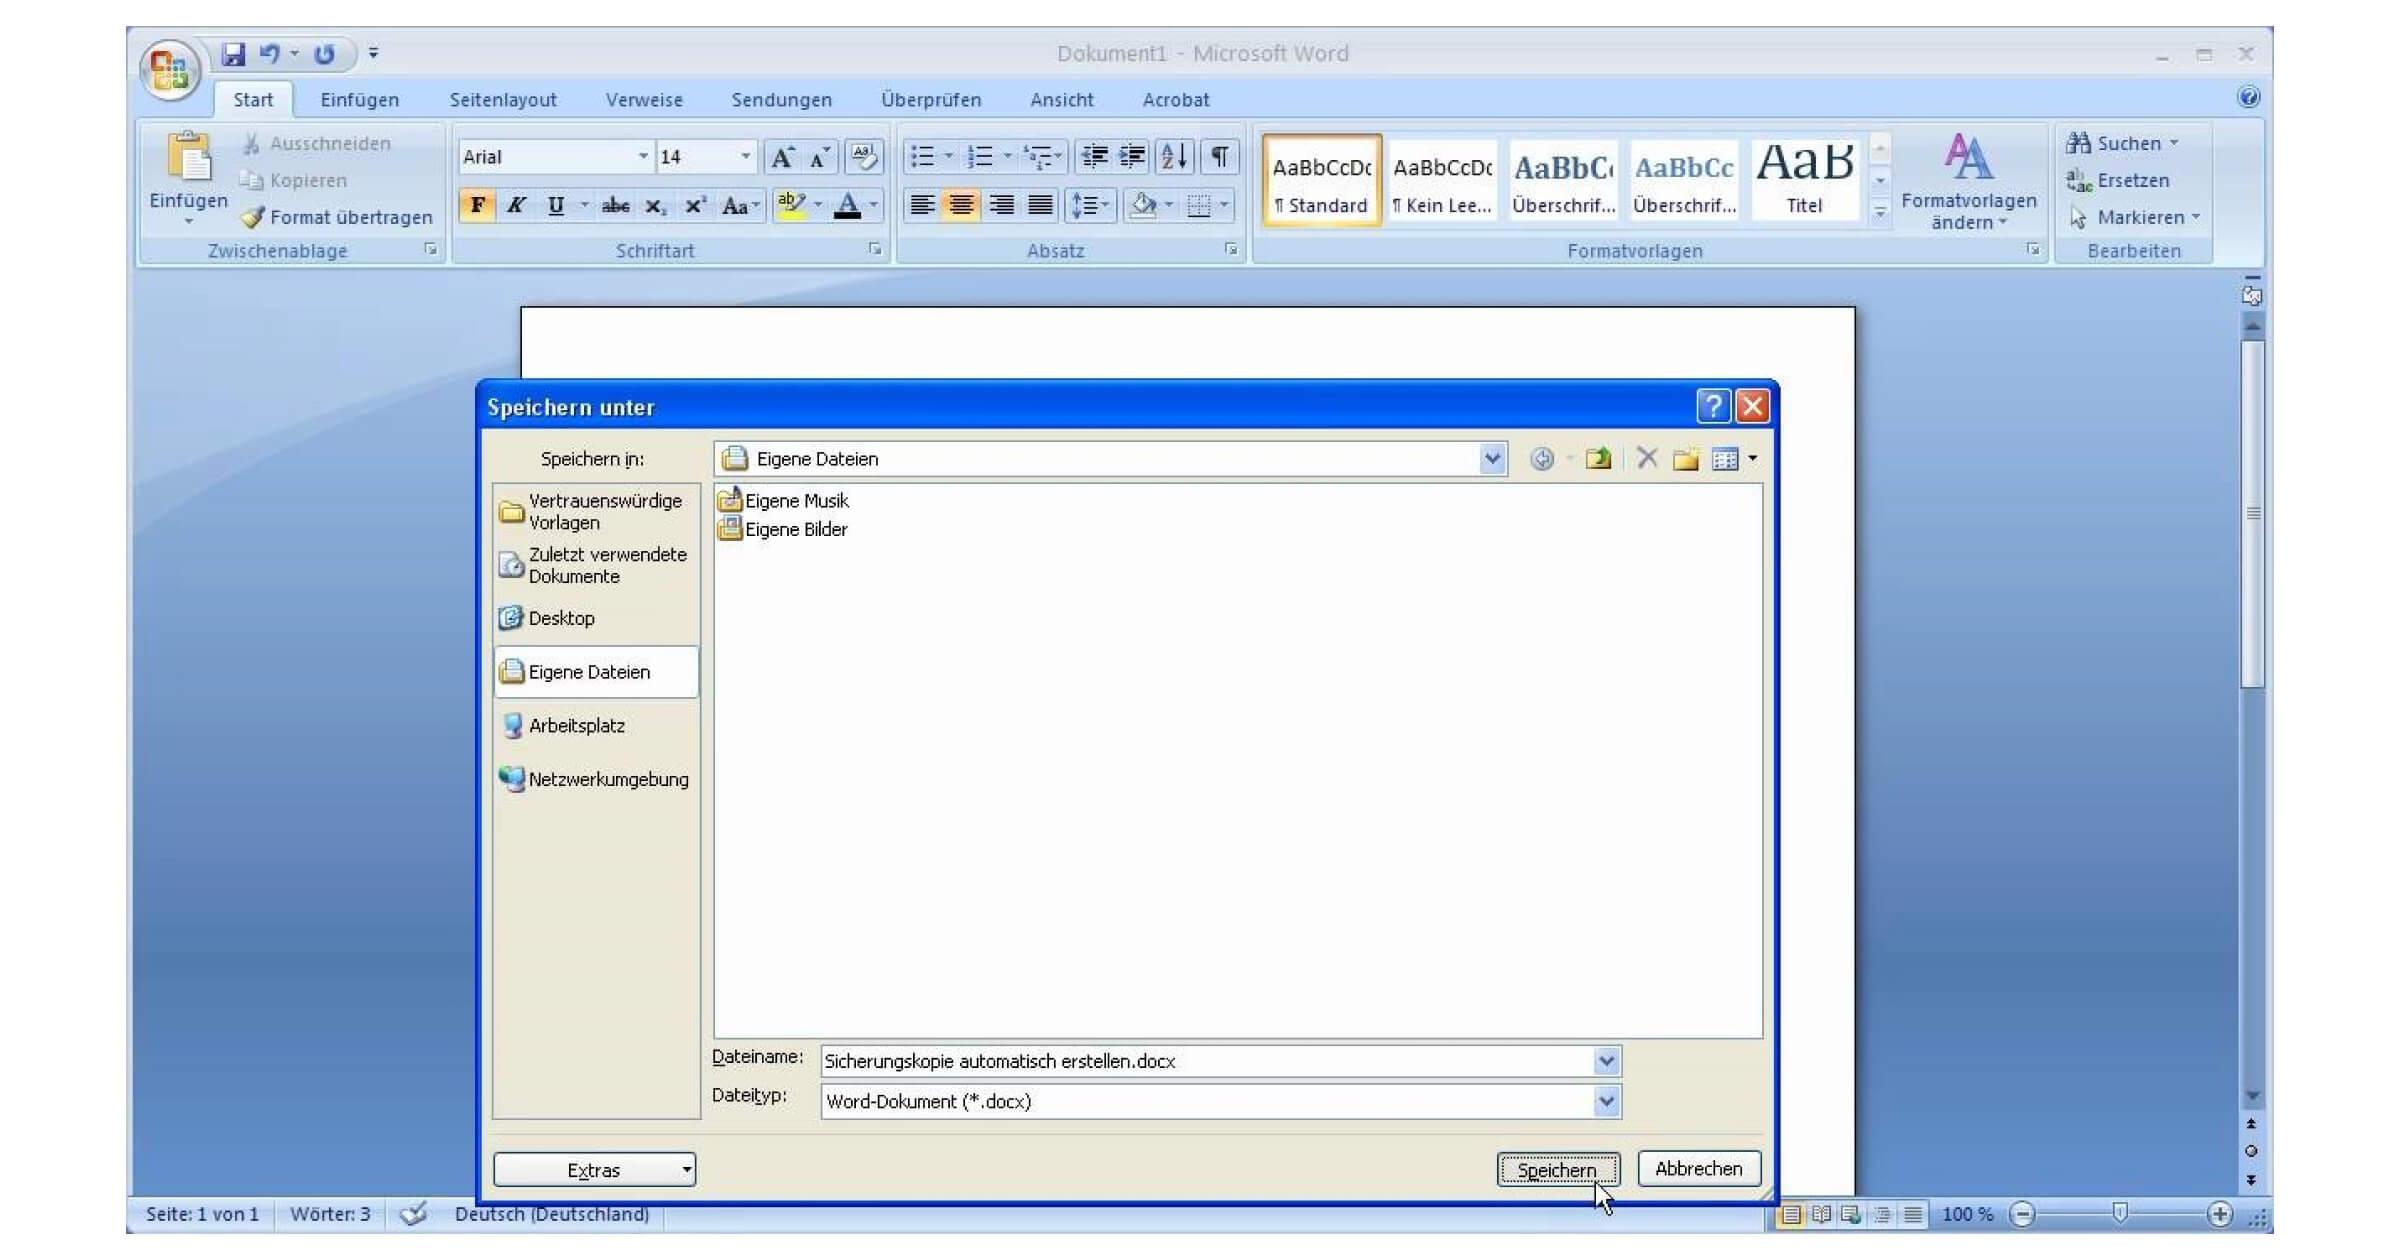 Schon in Microsoft Word 2007 konntest du eine DOCX Datei öffnen